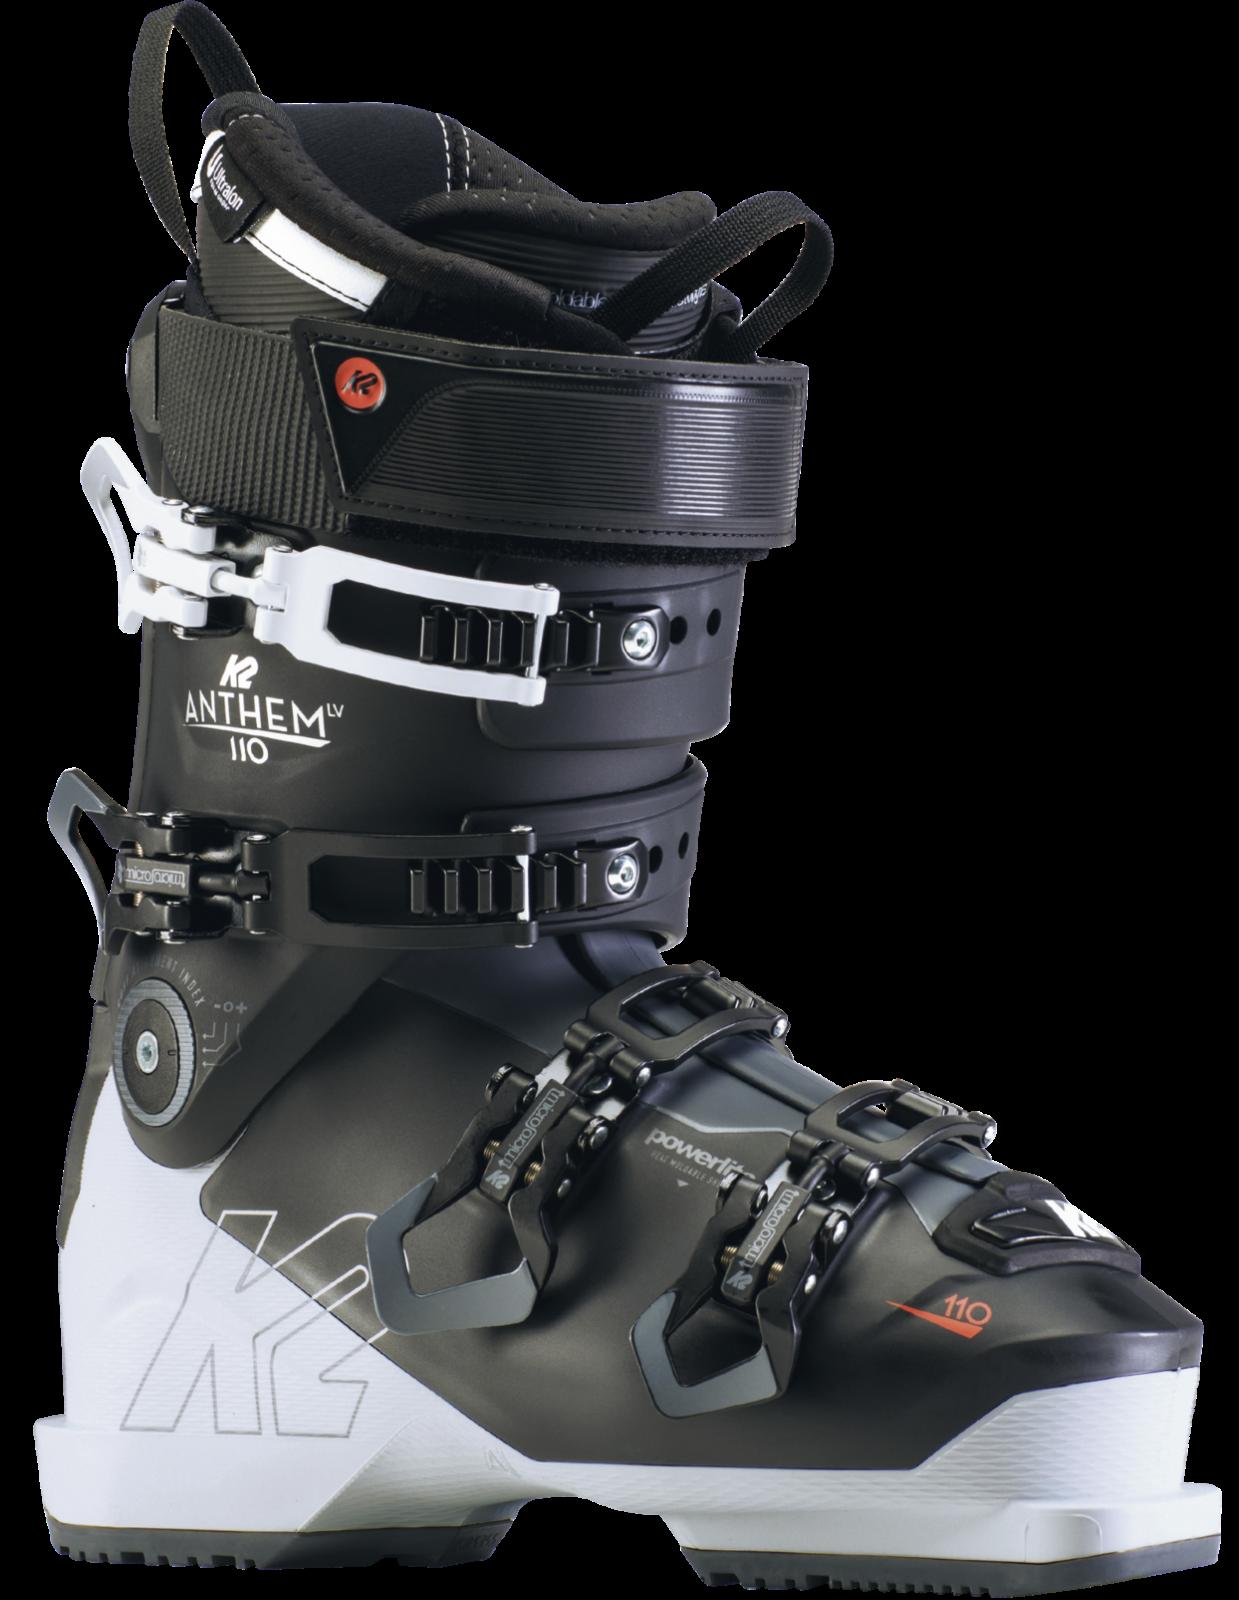 K2 Anthem 110 MV Ski Boots 2020